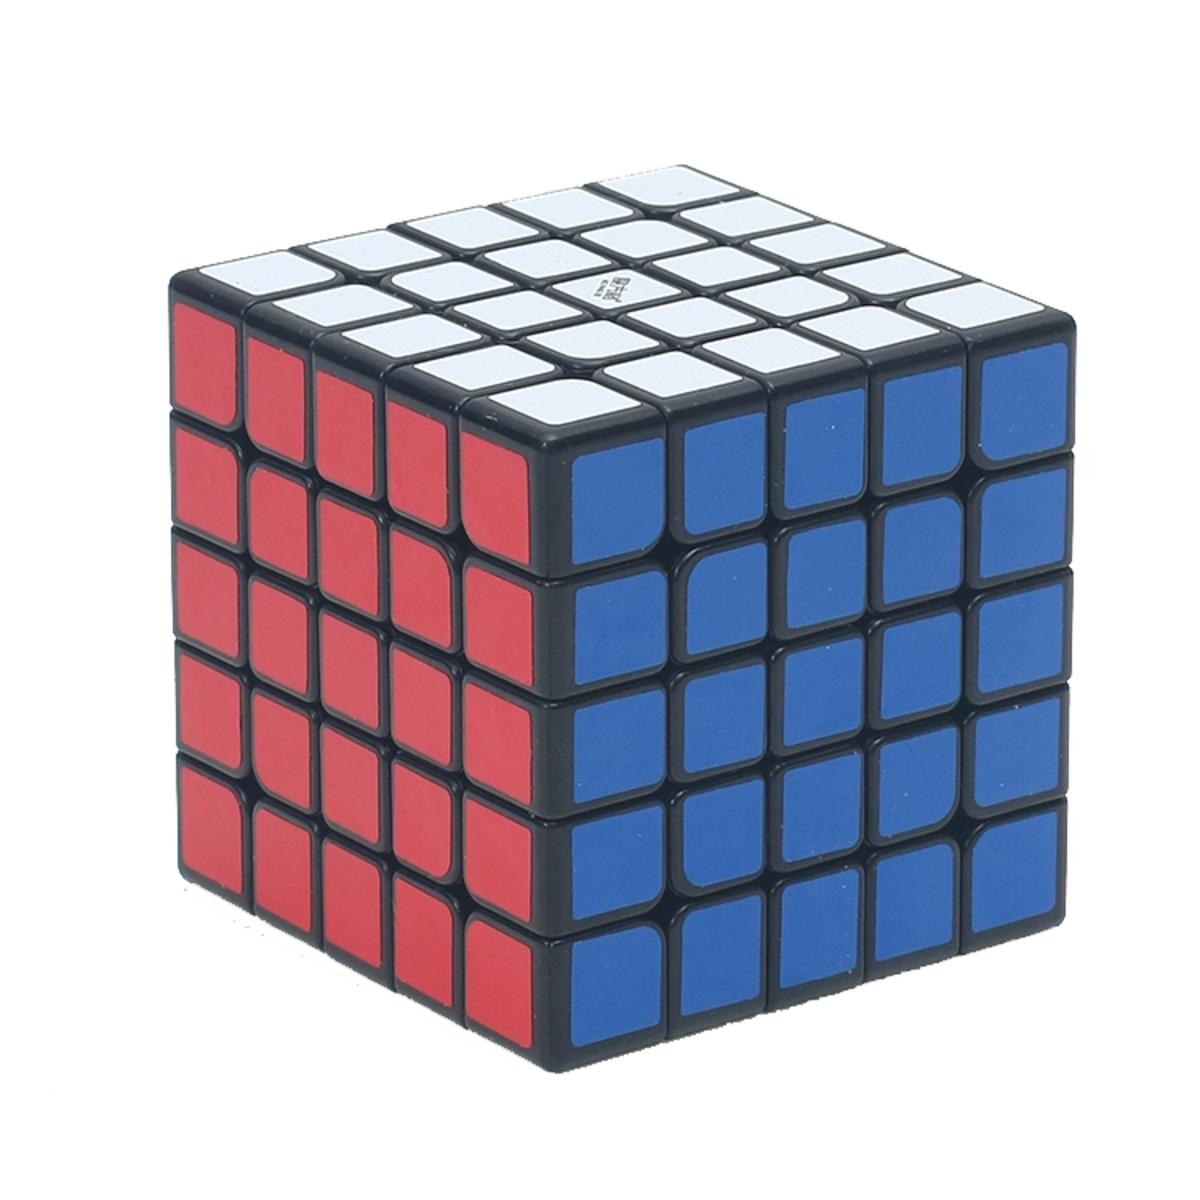 5x5x5 WuShuang Qiyi